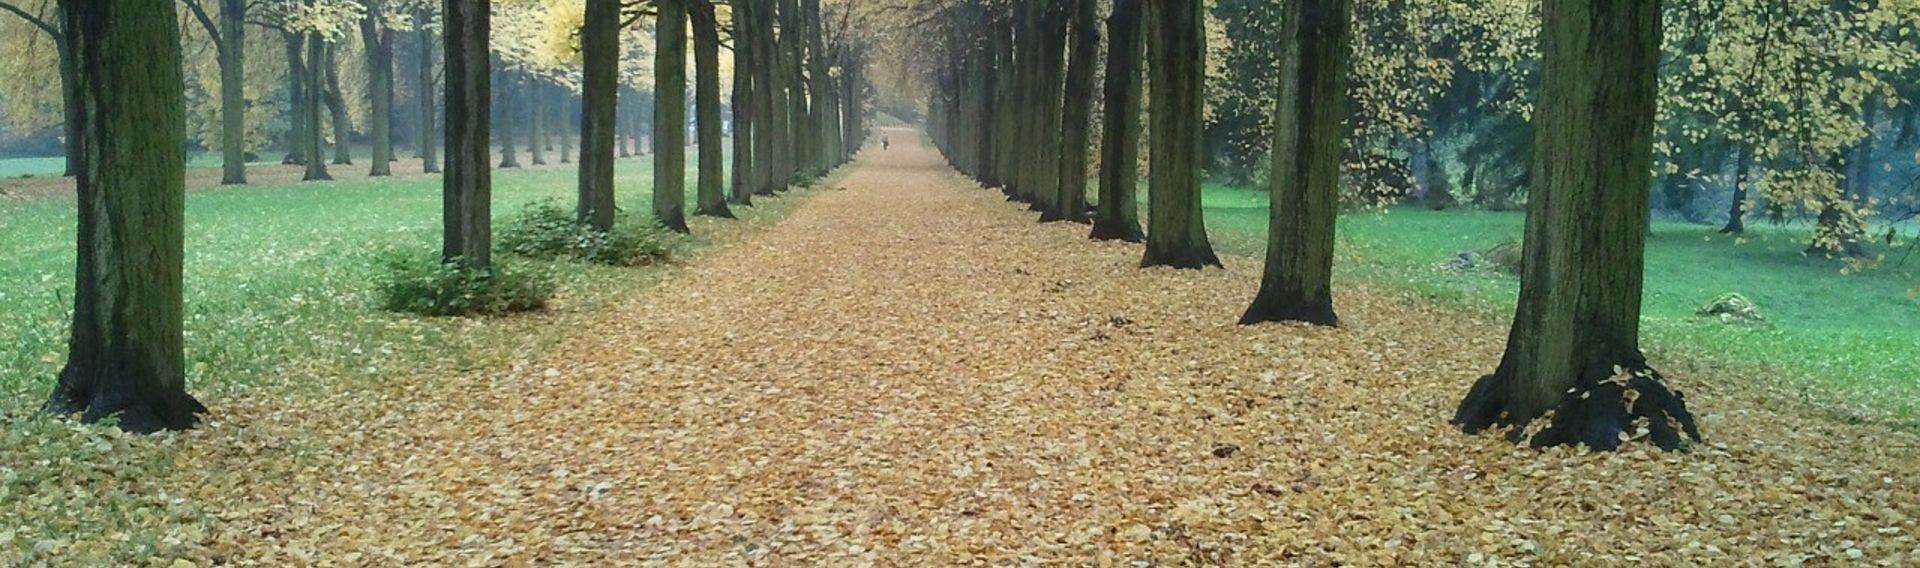 Stadtrundfahrt Potsdam mit Hund